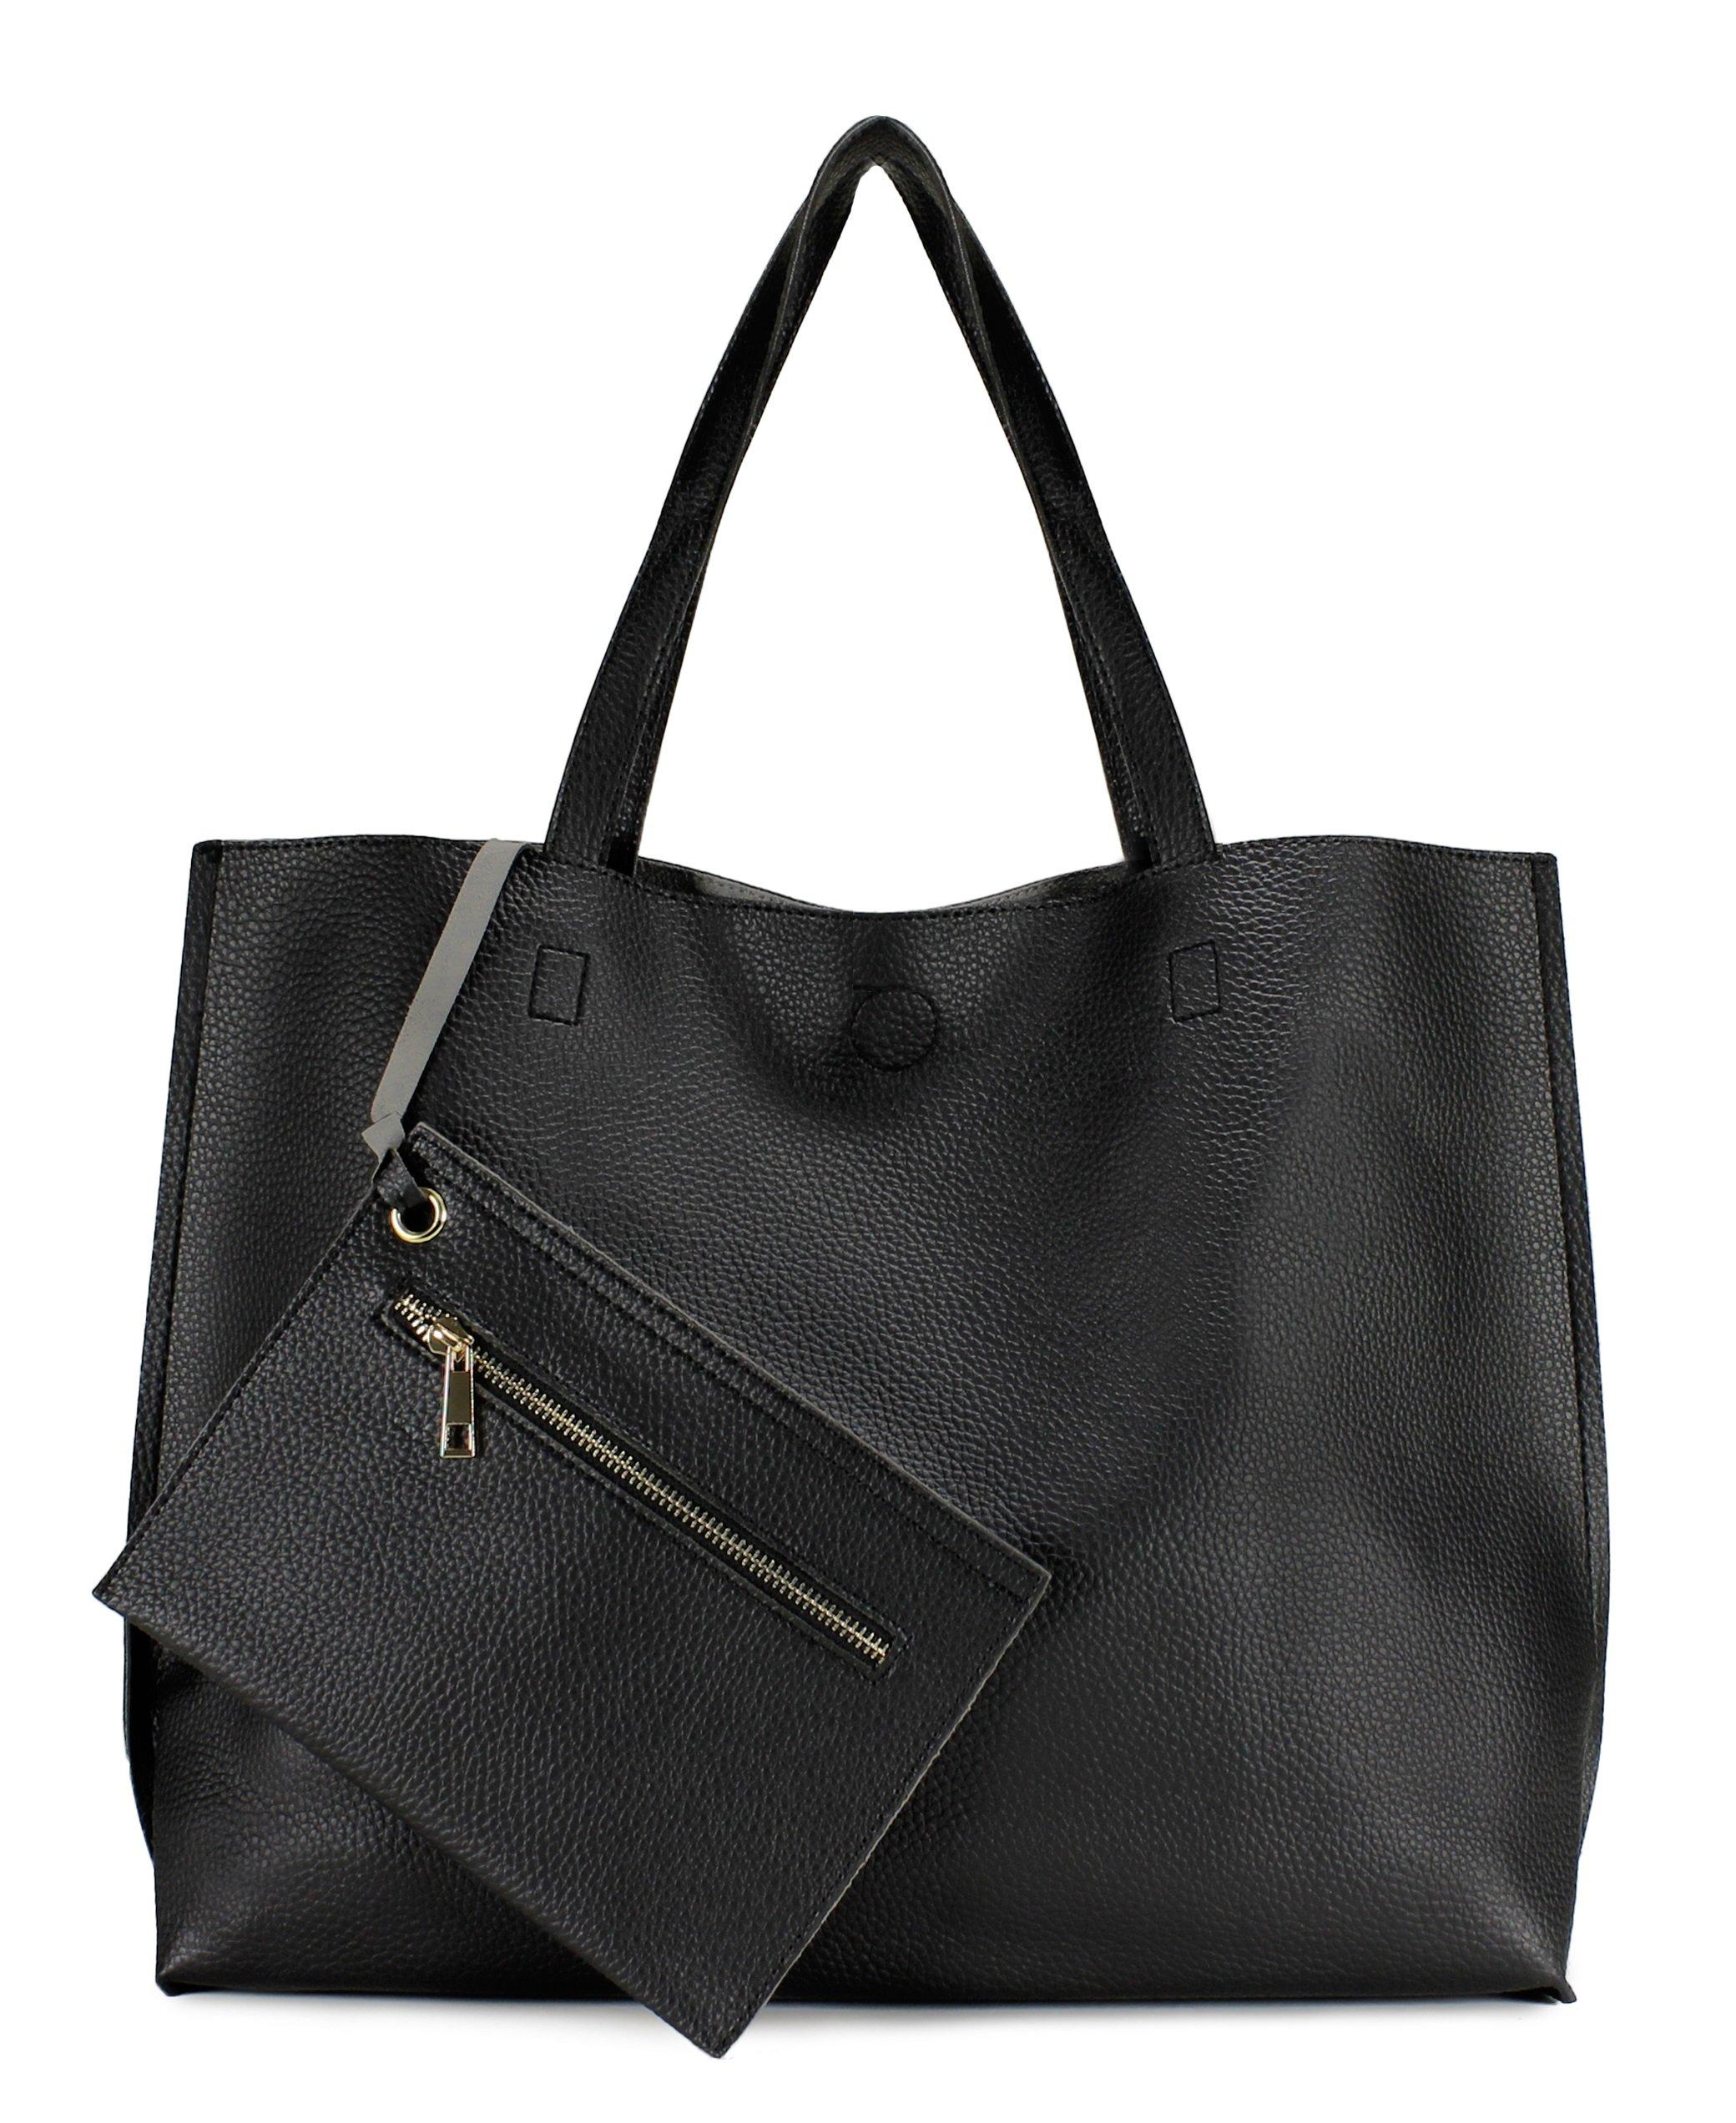 Scarleton Stylish Reversible Tote Bag Top Handle Bag Shoulder bag Satchel bag H18420103 - Black/Grey